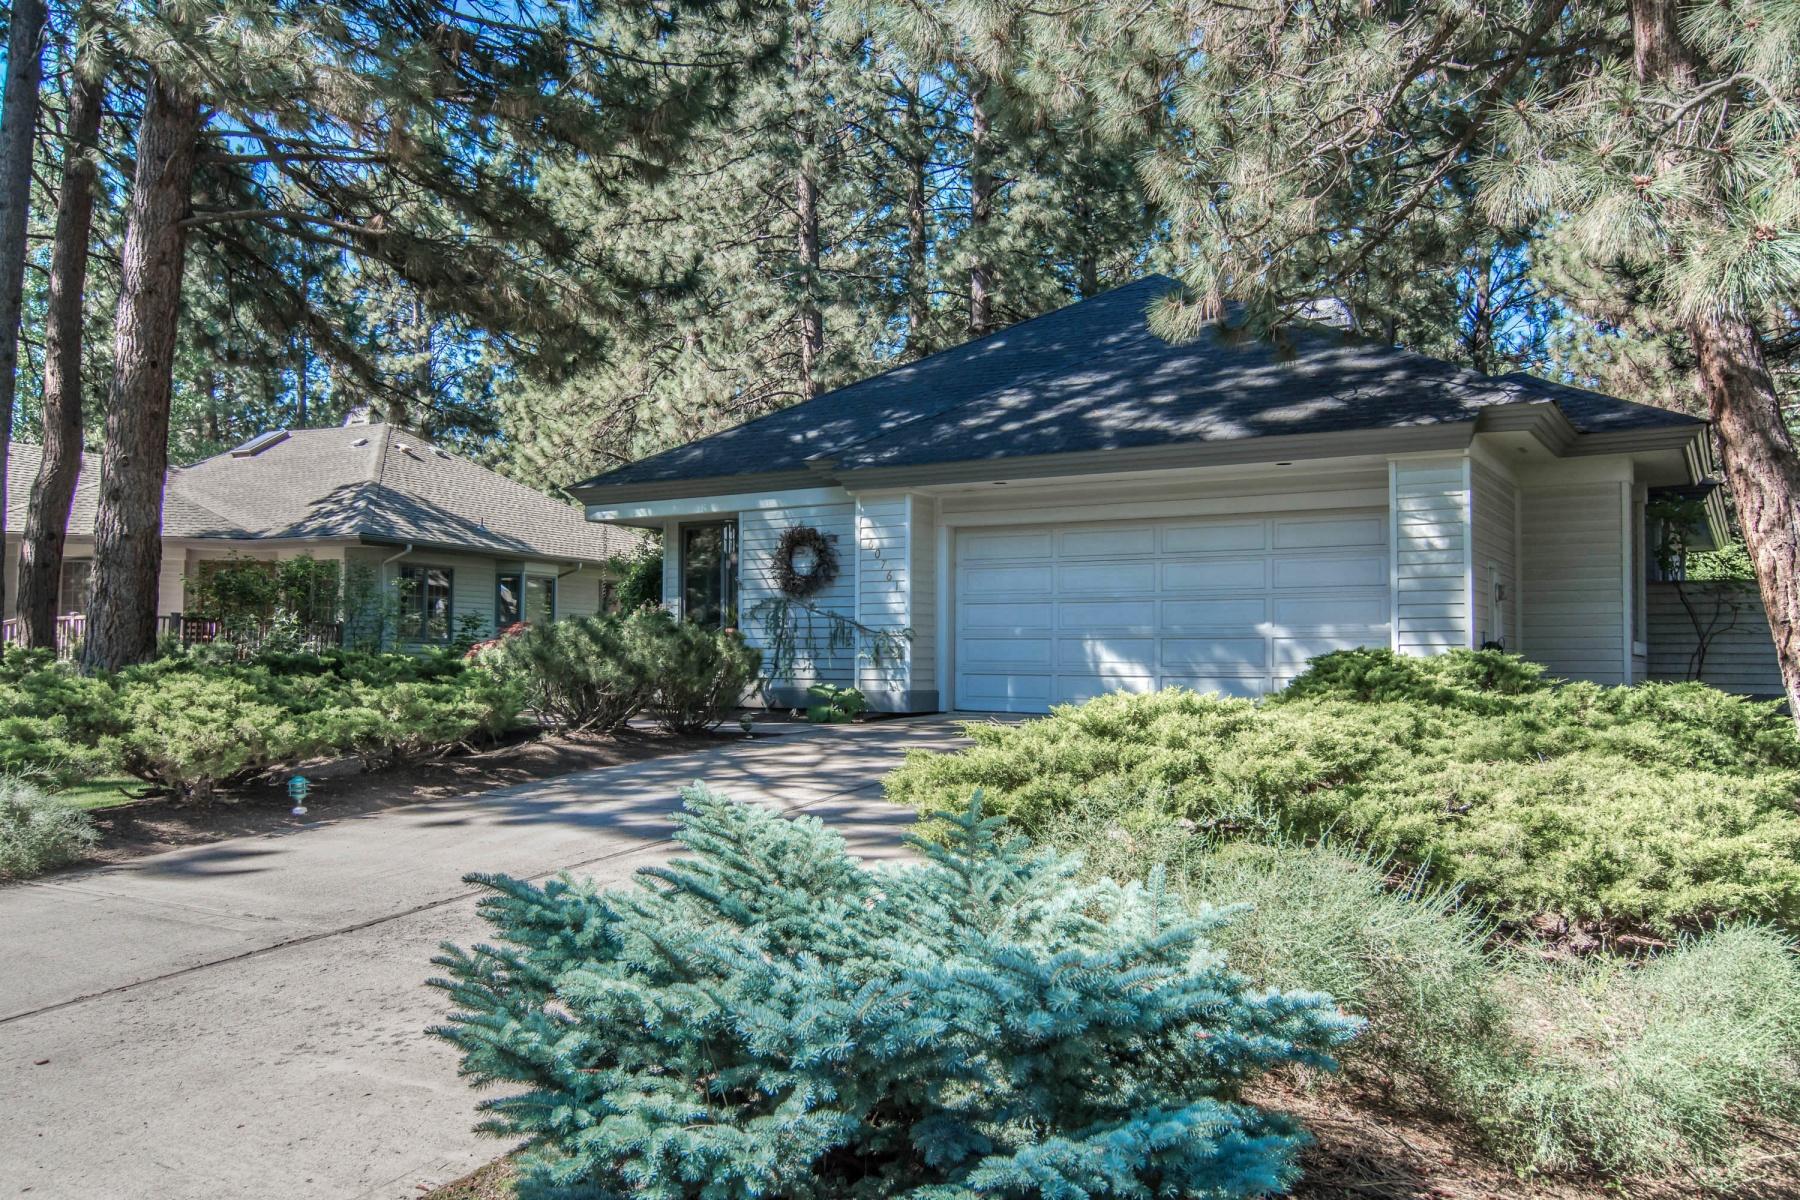 Частный односемейный дом для того Продажа на 60761 Breckenridge, Bend Bend, Орегон 97702 Соединенные Штаты